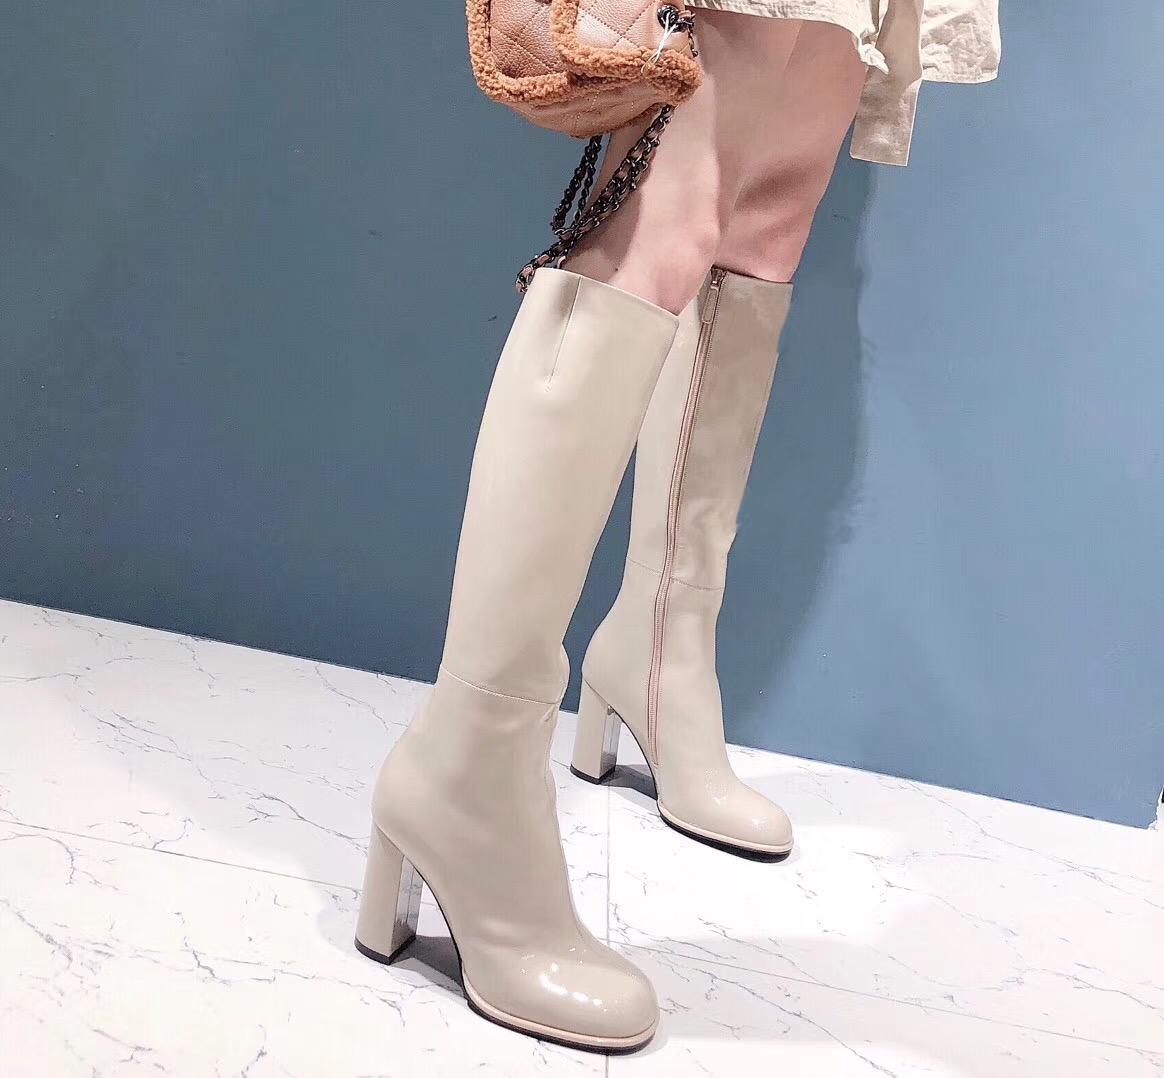 2018秋冬新款真皮高跟鞋女粗跟长筒靴圆头过膝靴女靴子骑士靴长靴